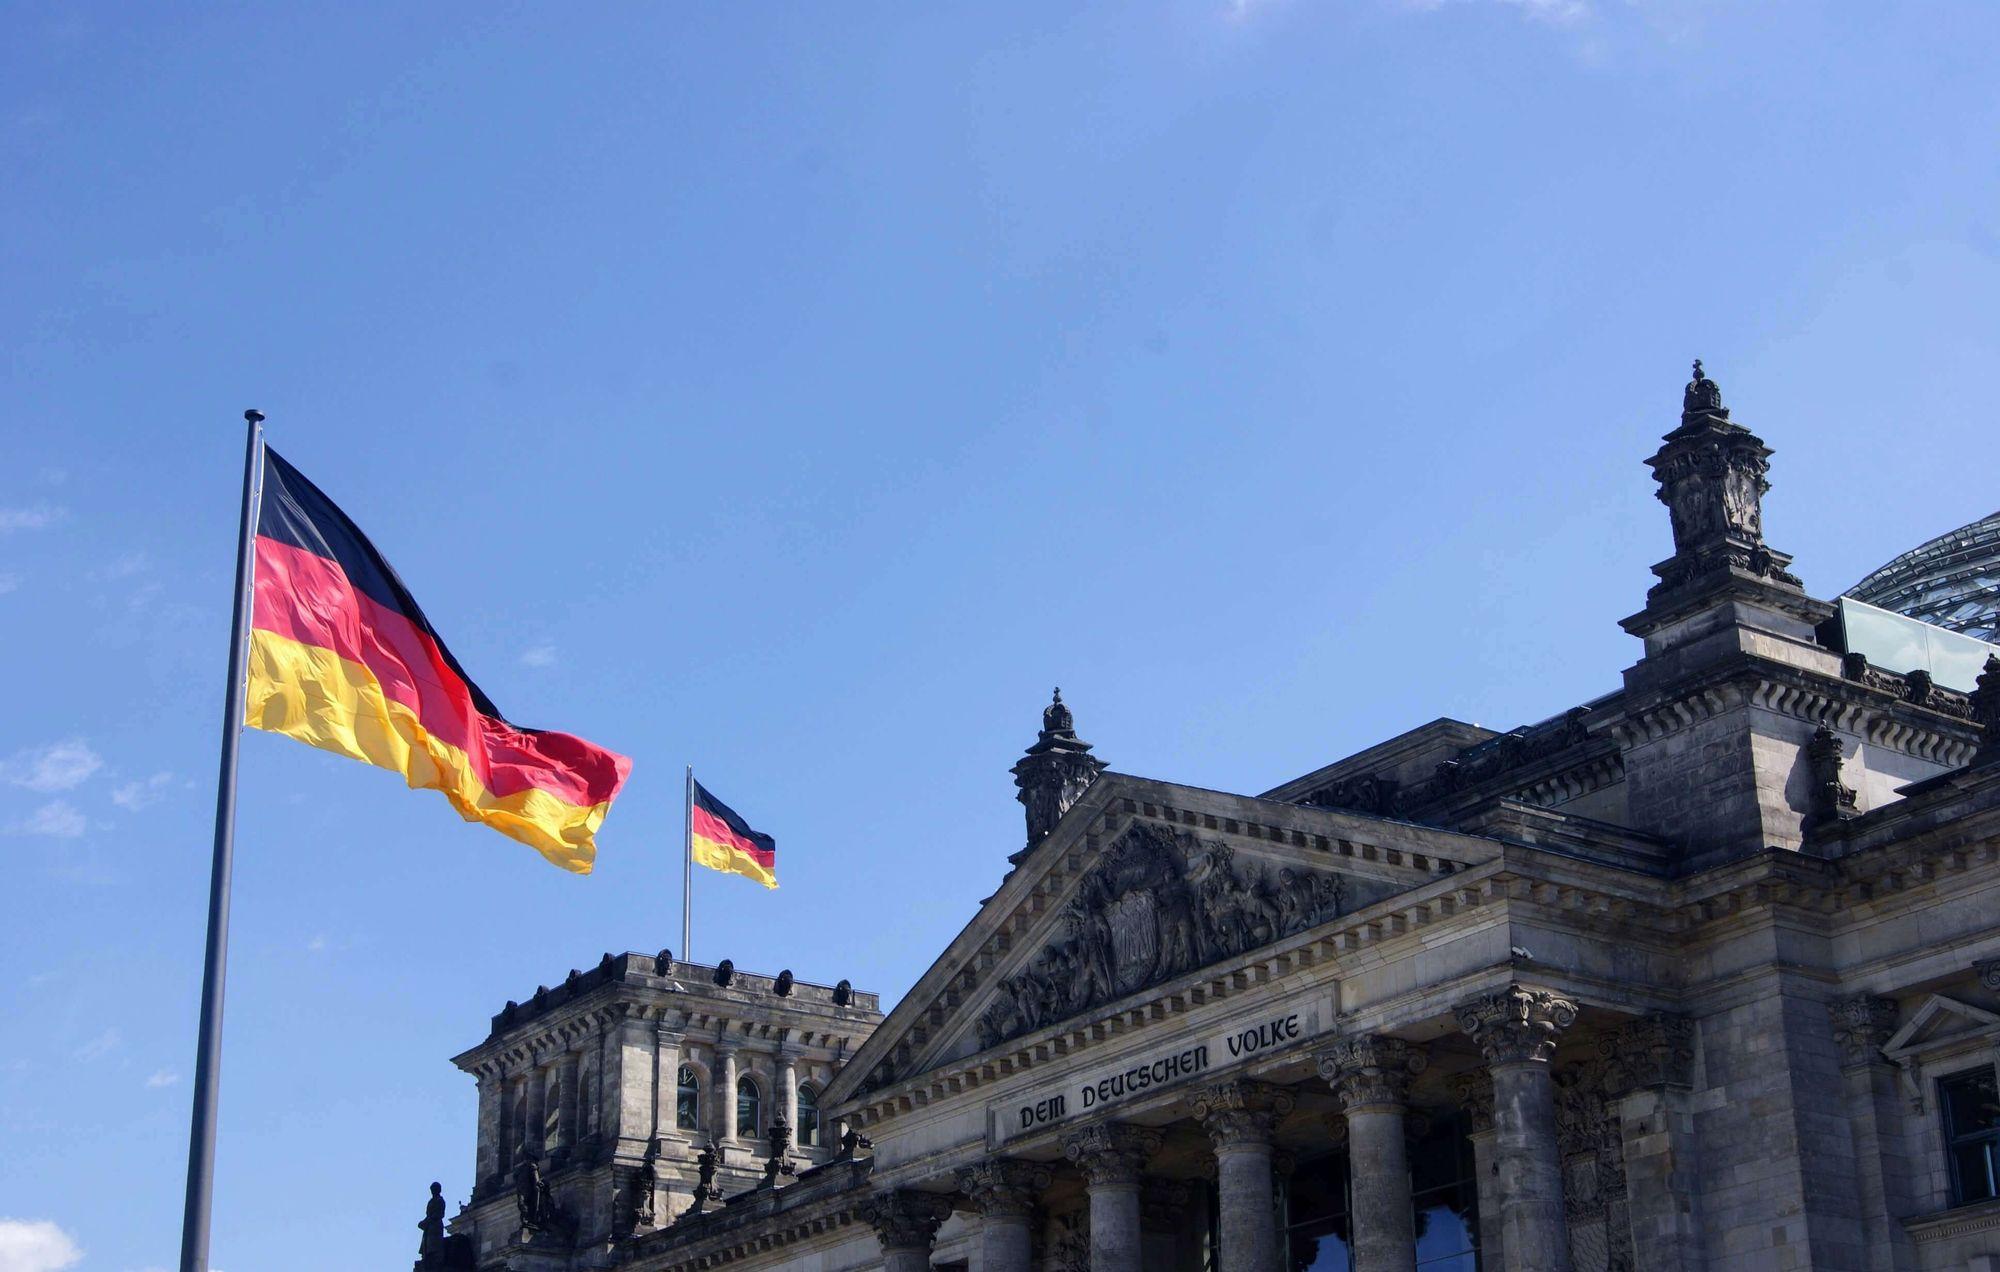 historia-de-los-judios-en-la-alemania-nazi